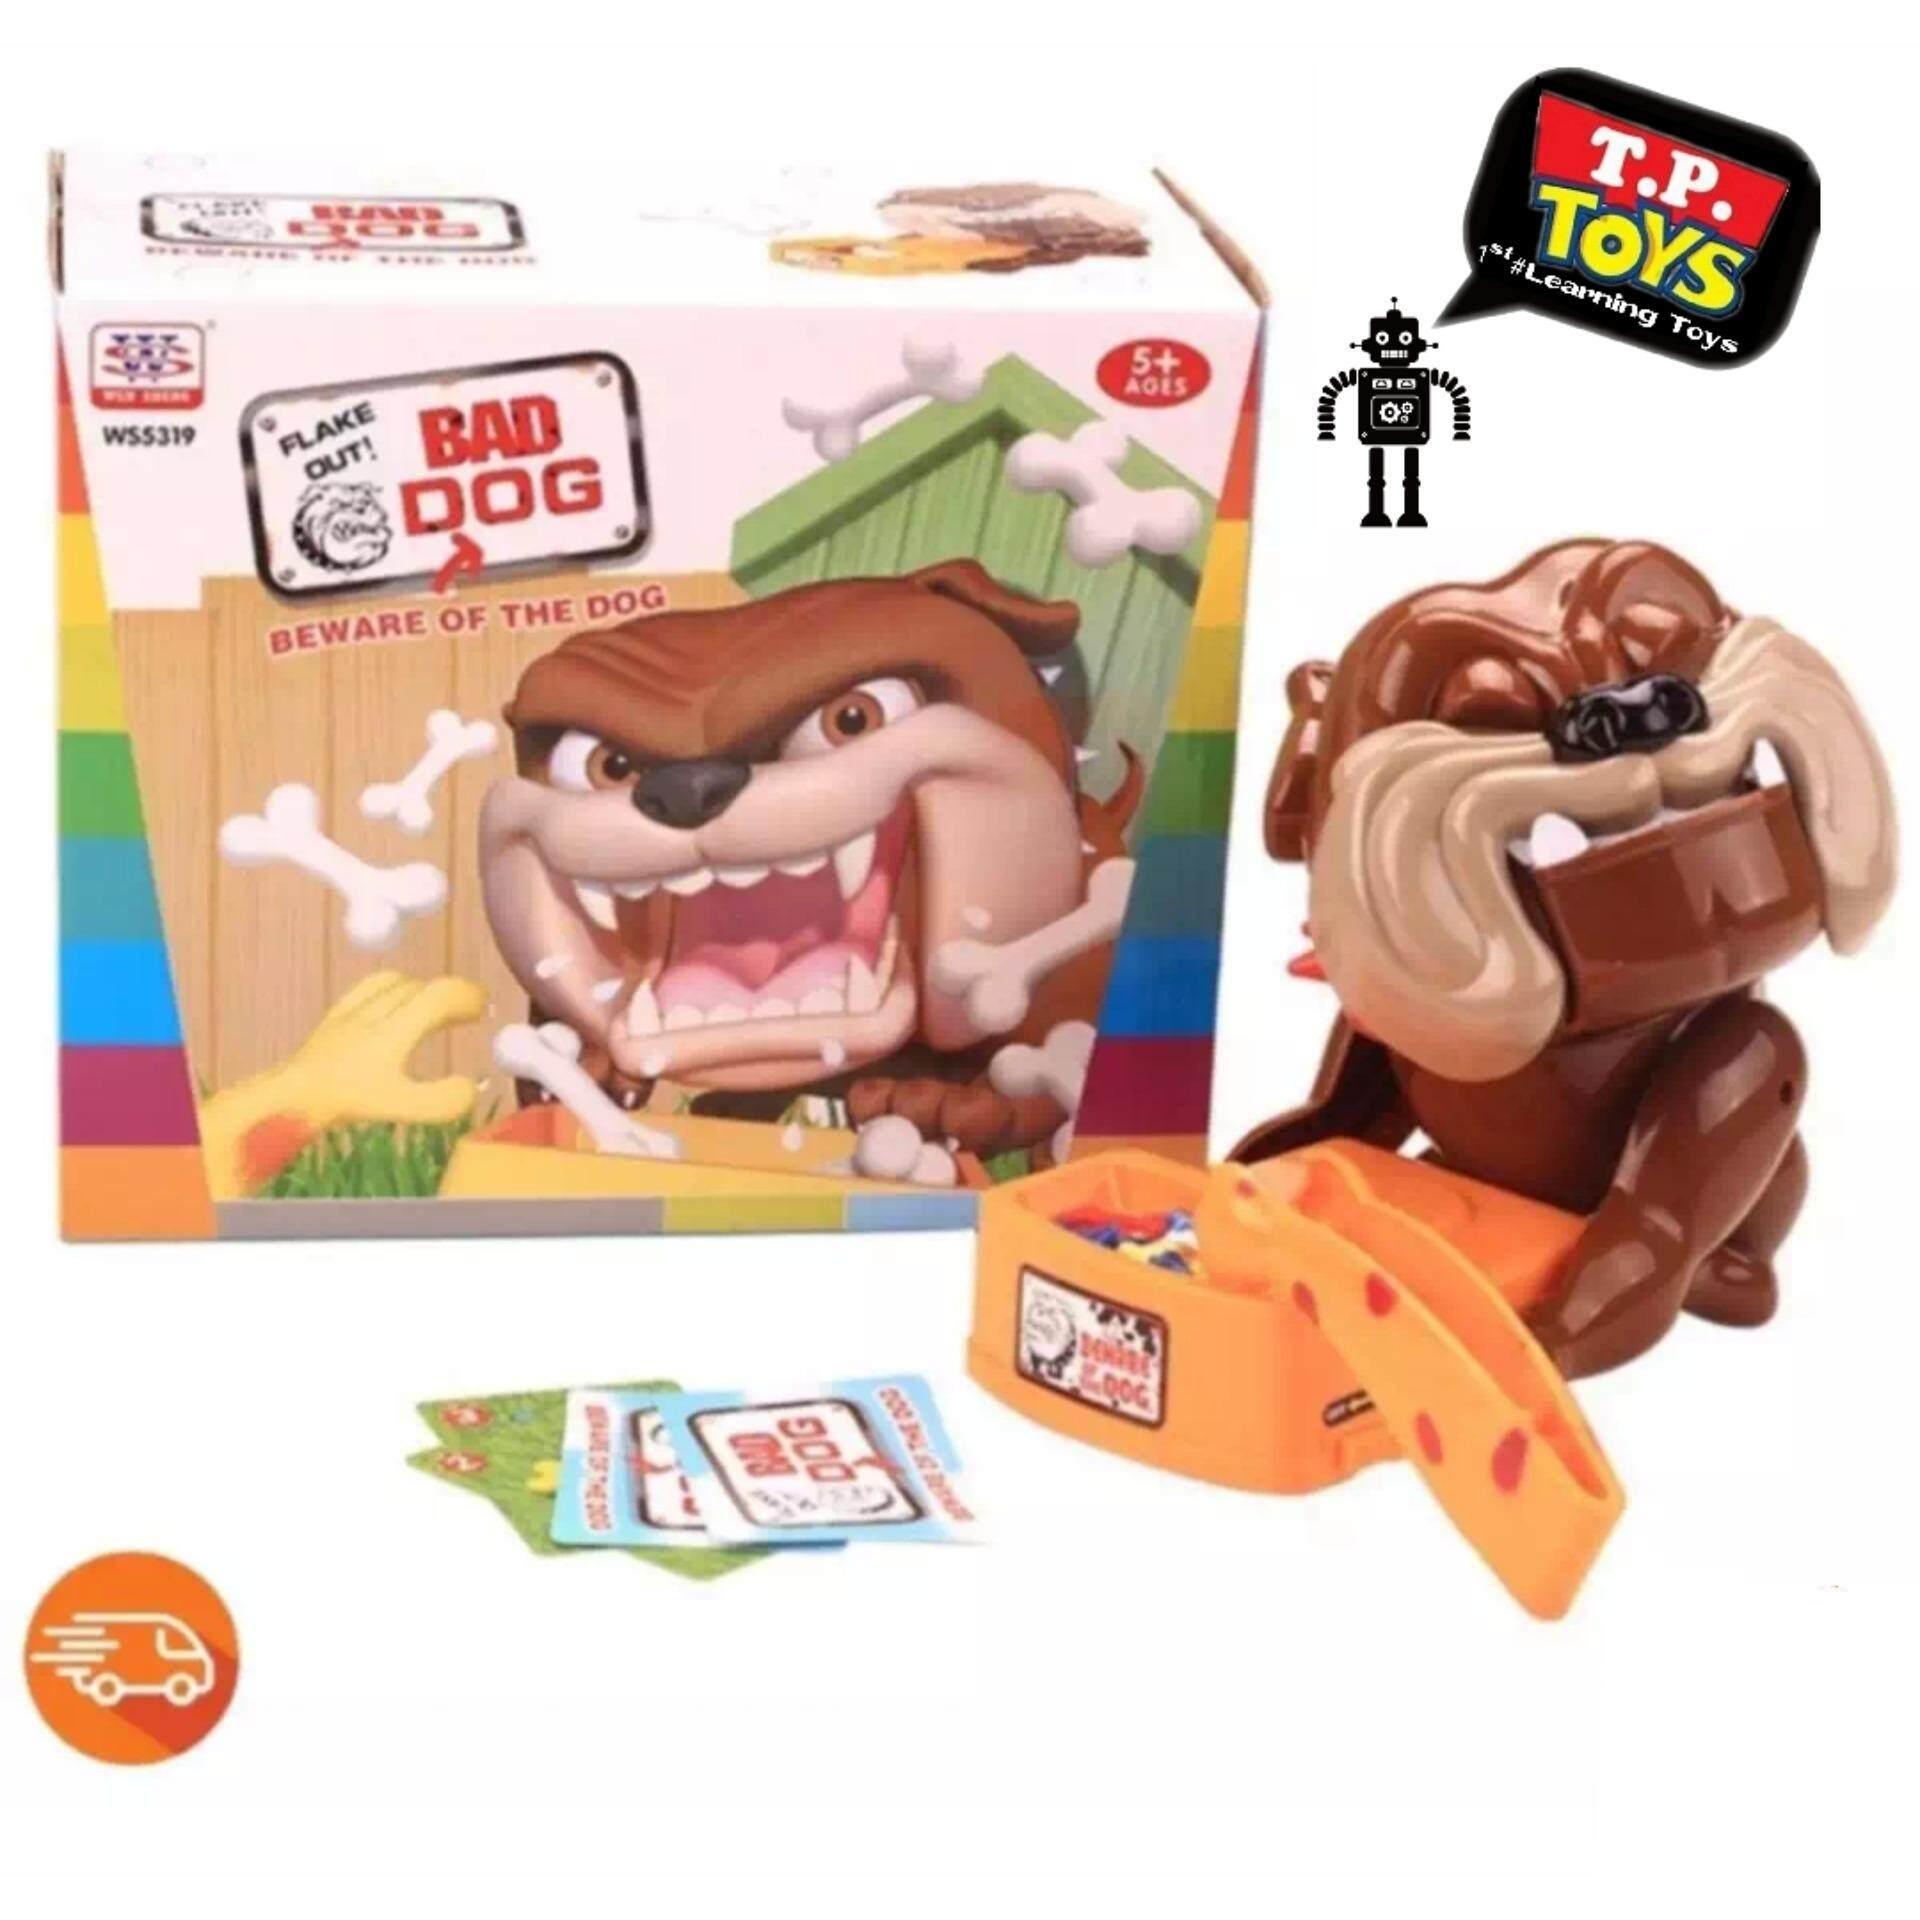 ราคา T P Toys Bad Dog ของเล่นเด็ก เกมส์ หมาหวงกระดูก ใหม่